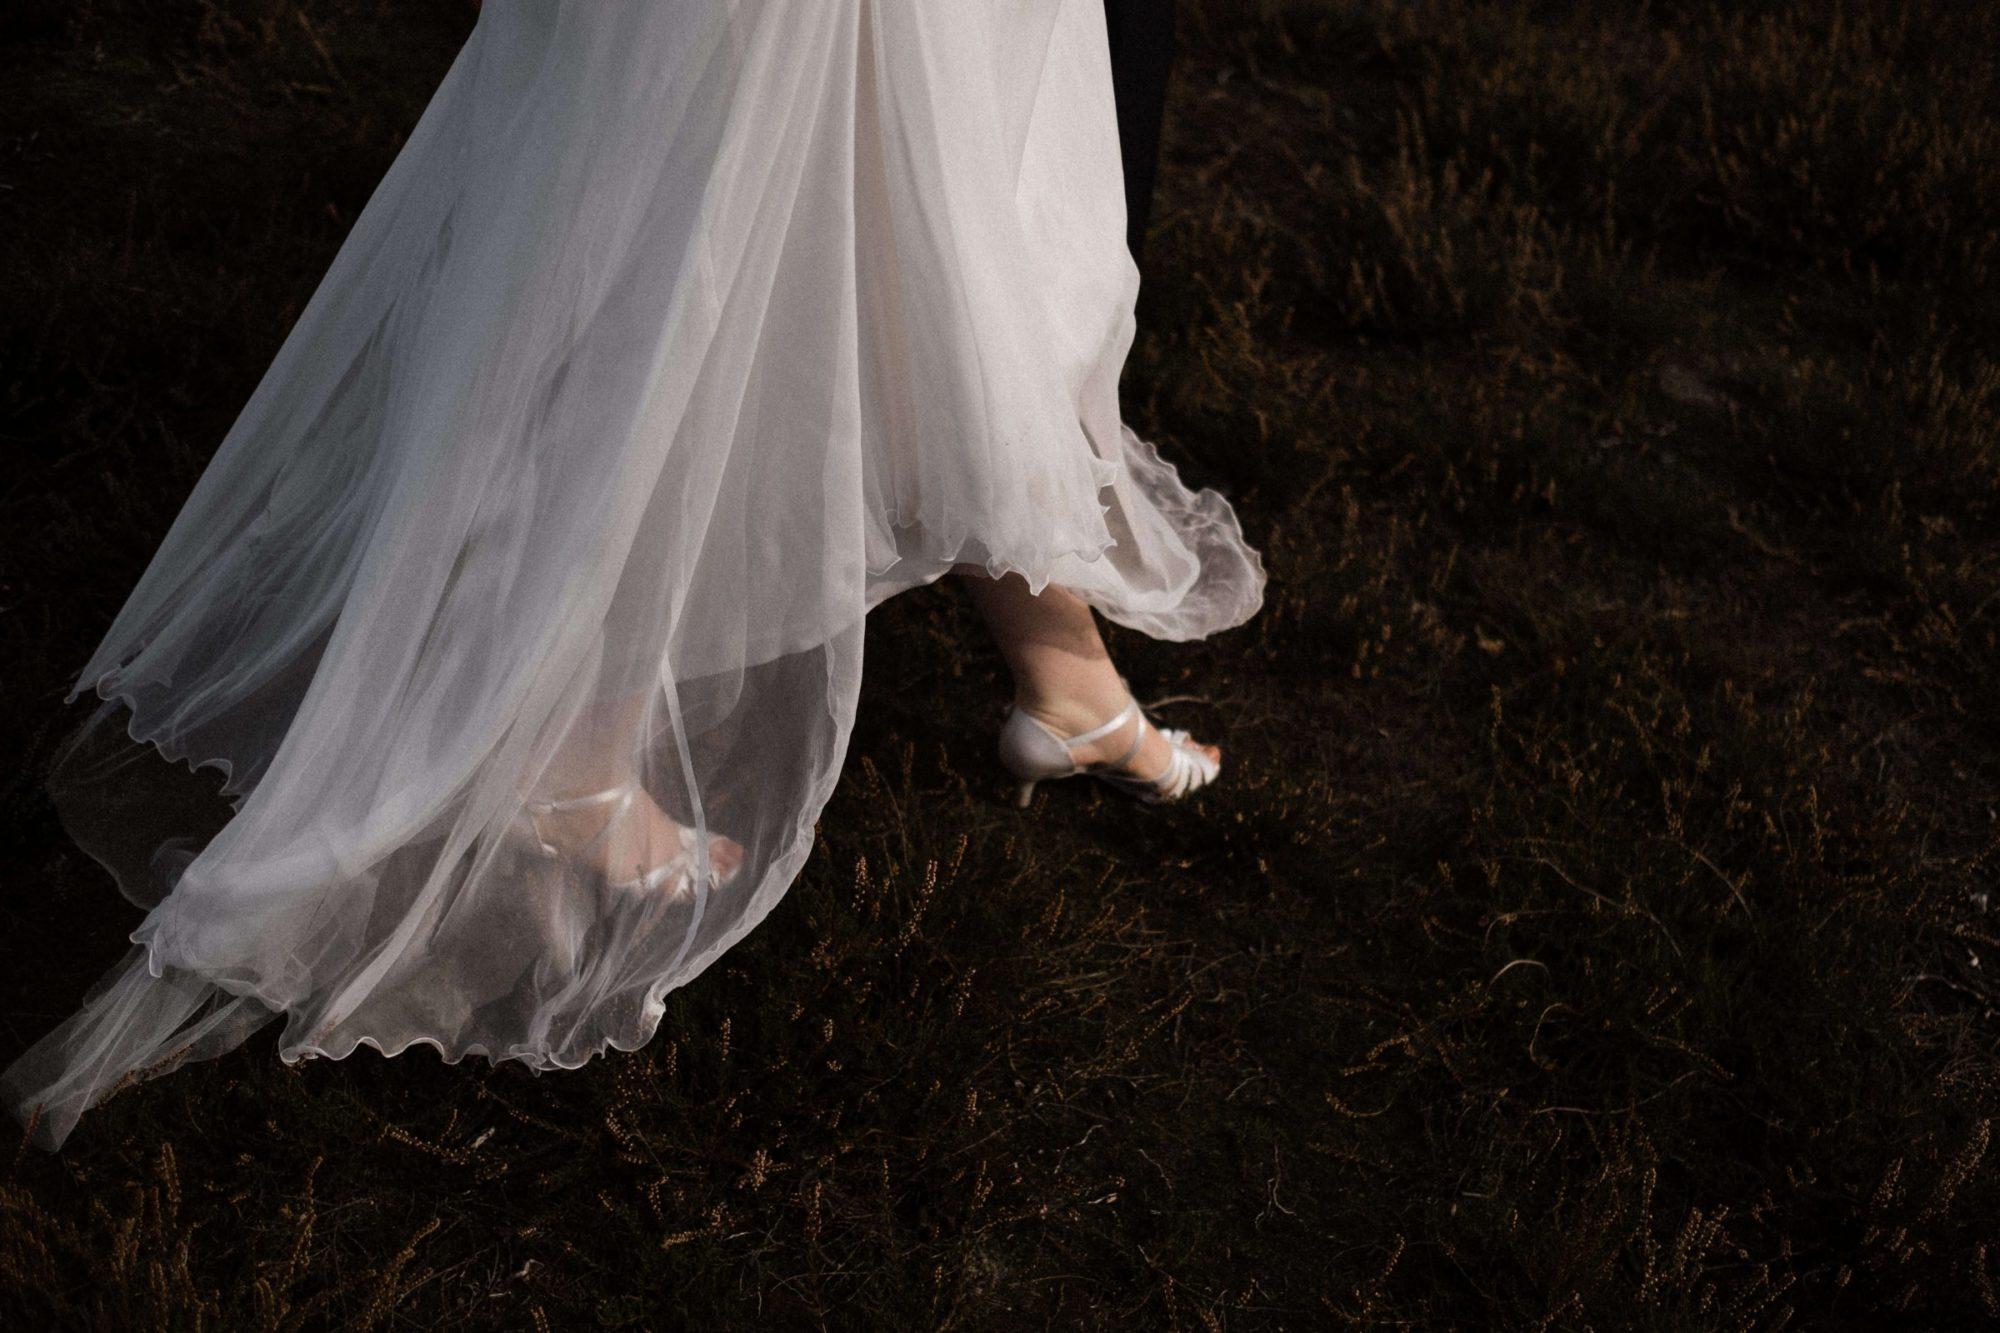 Braut geht über Moos, es sind auf dem Bild nur die Brautschuhe und ein Teil der Rockes zu sehen.